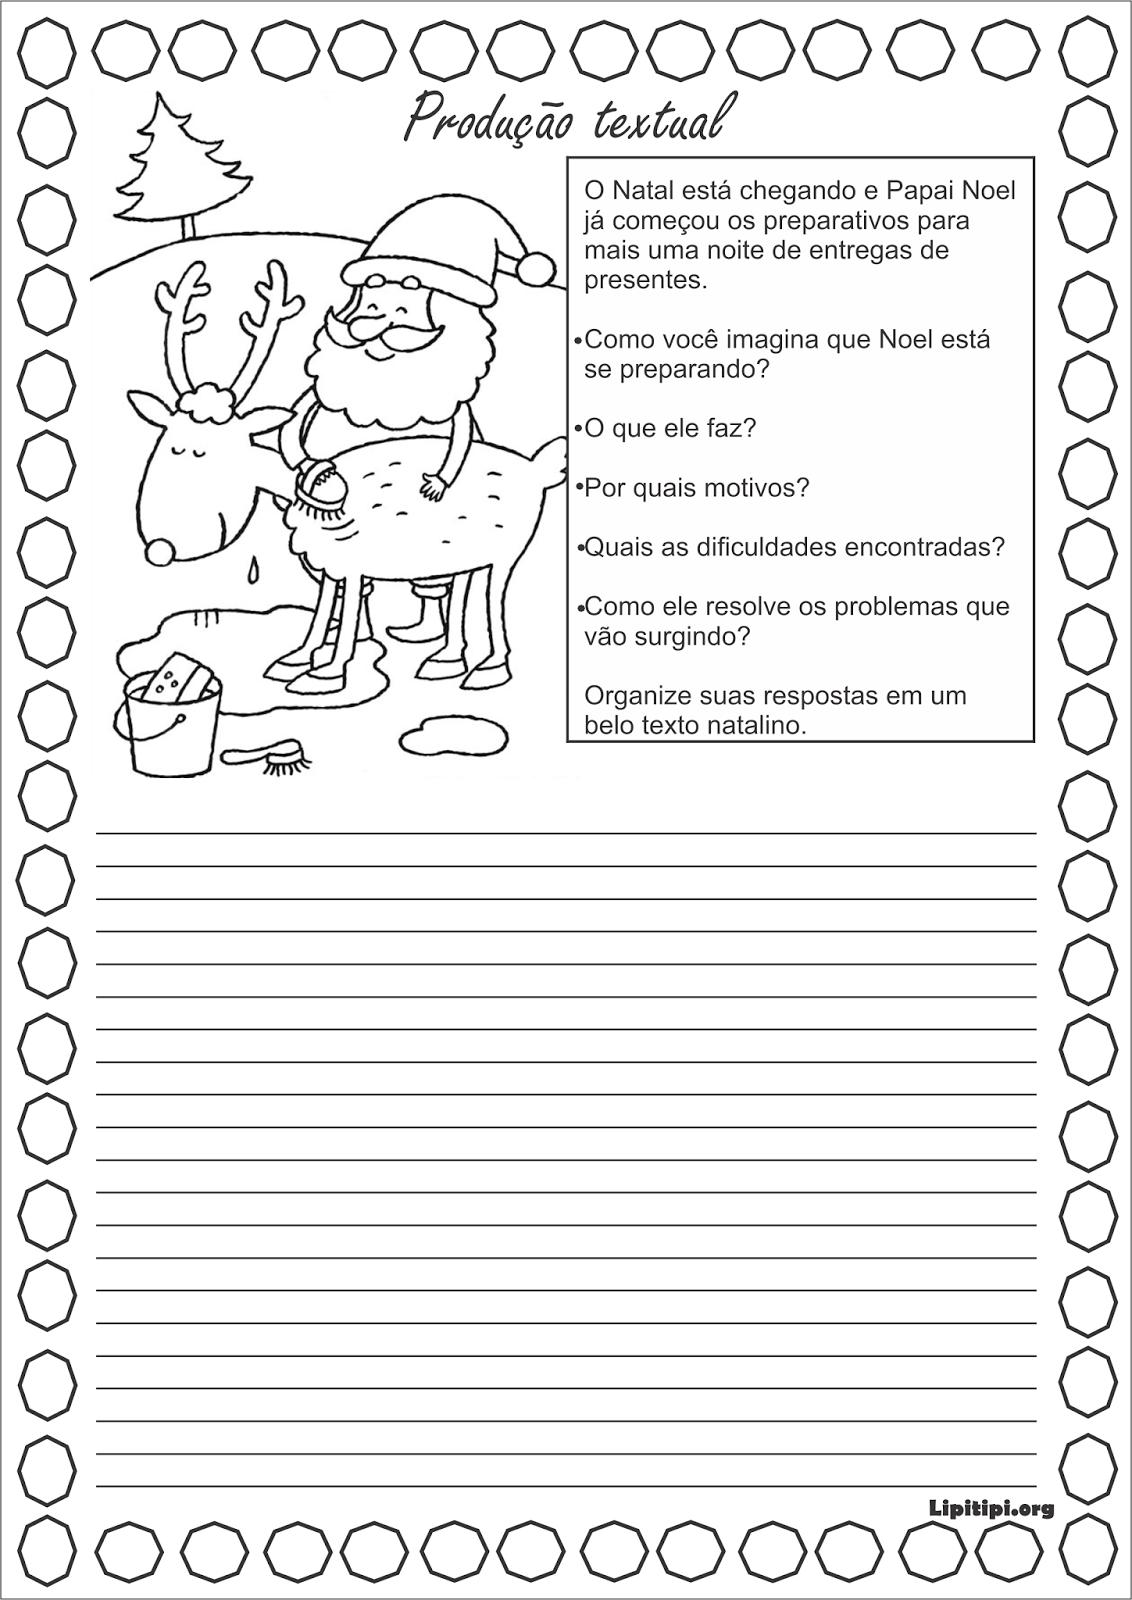 dc614a32b330 Lipitipi- Atividades e Projetos Fundamental I: Sequência Didática Papai Noel  Projeto Natal Fundamental I